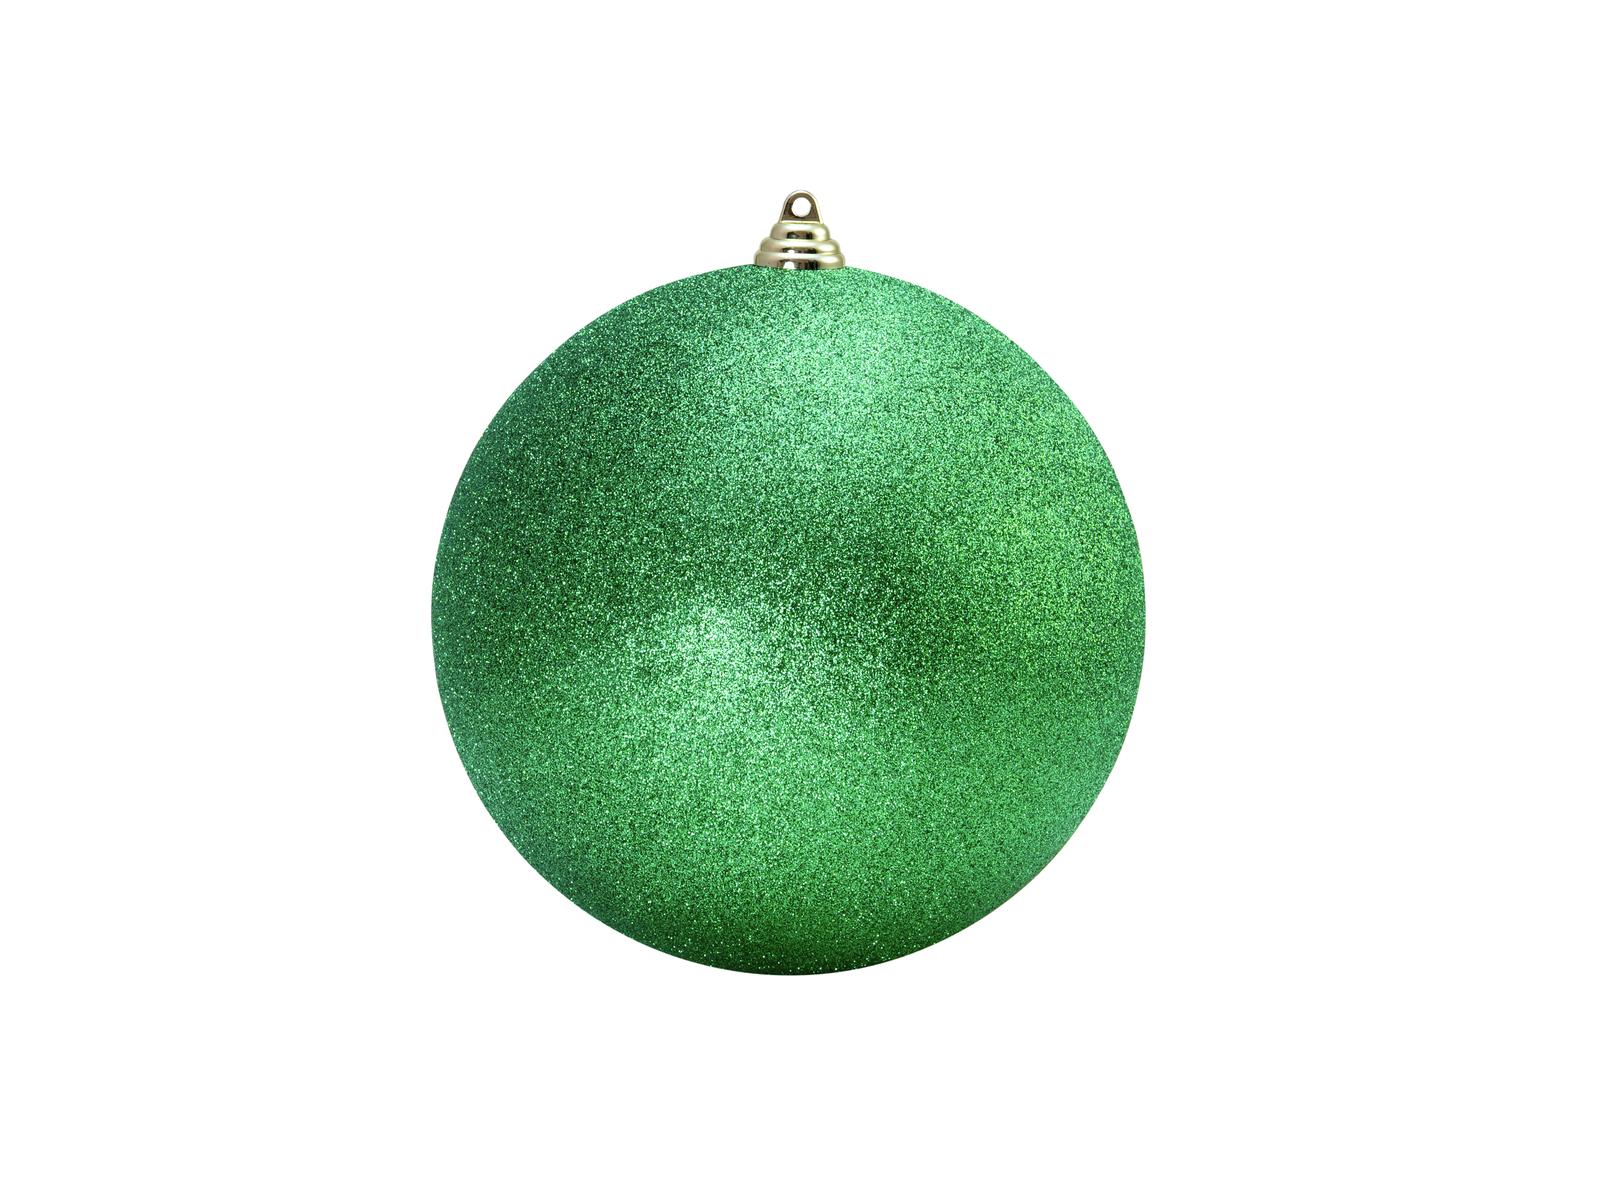 Vánoční dekorační ozdoba, 20 cm, jablečně zelená se třpytkami, 1 k